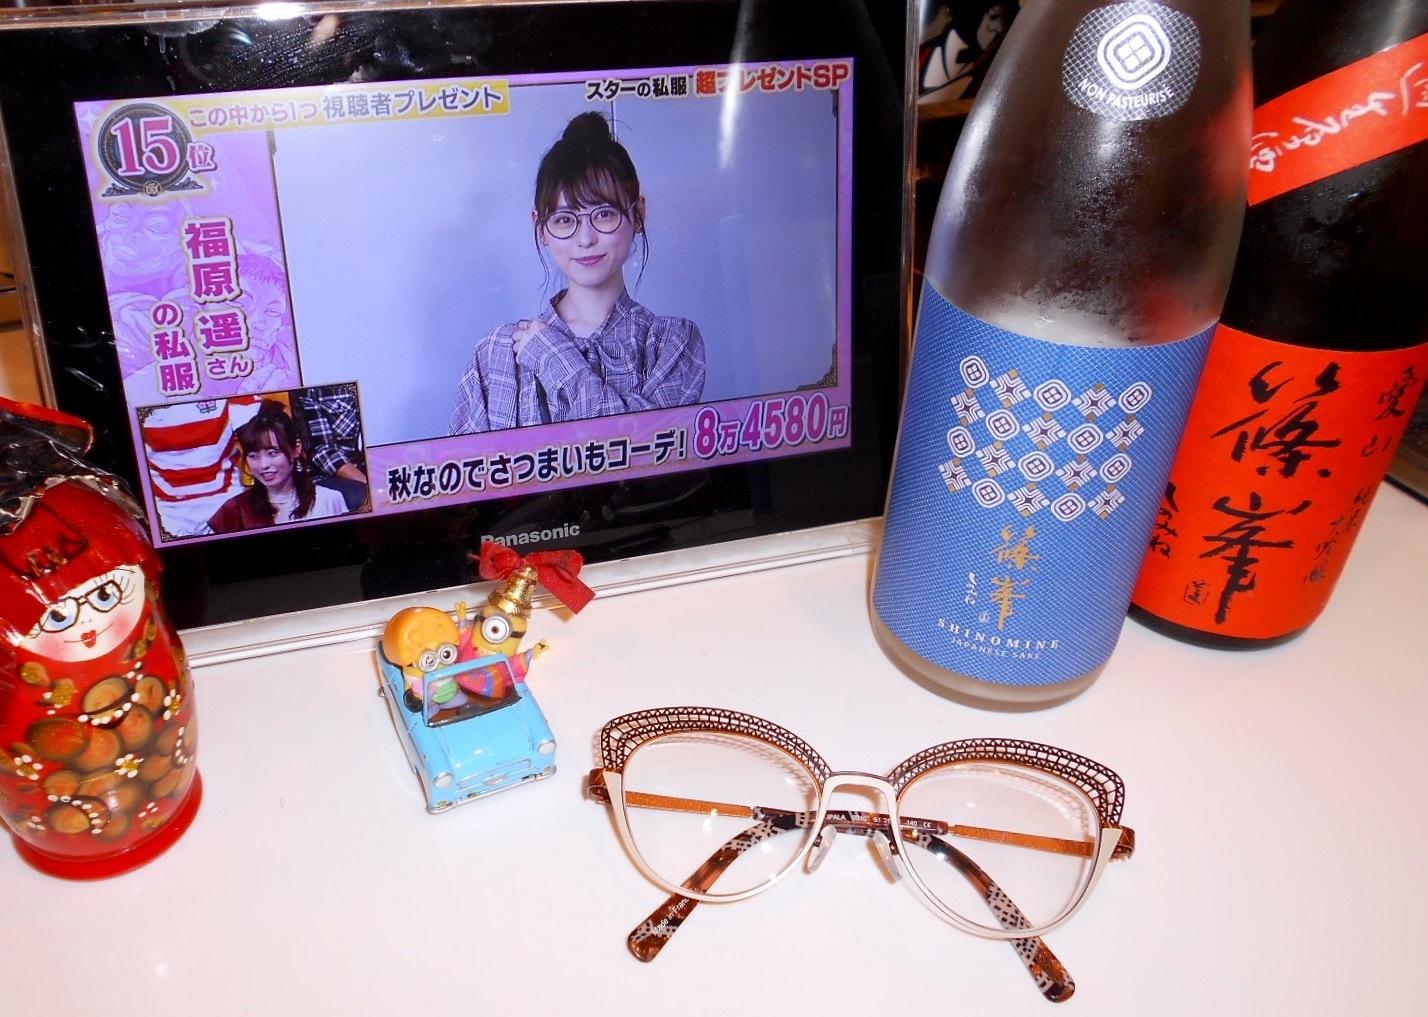 shinomine_azur_nigori30by3.jpg